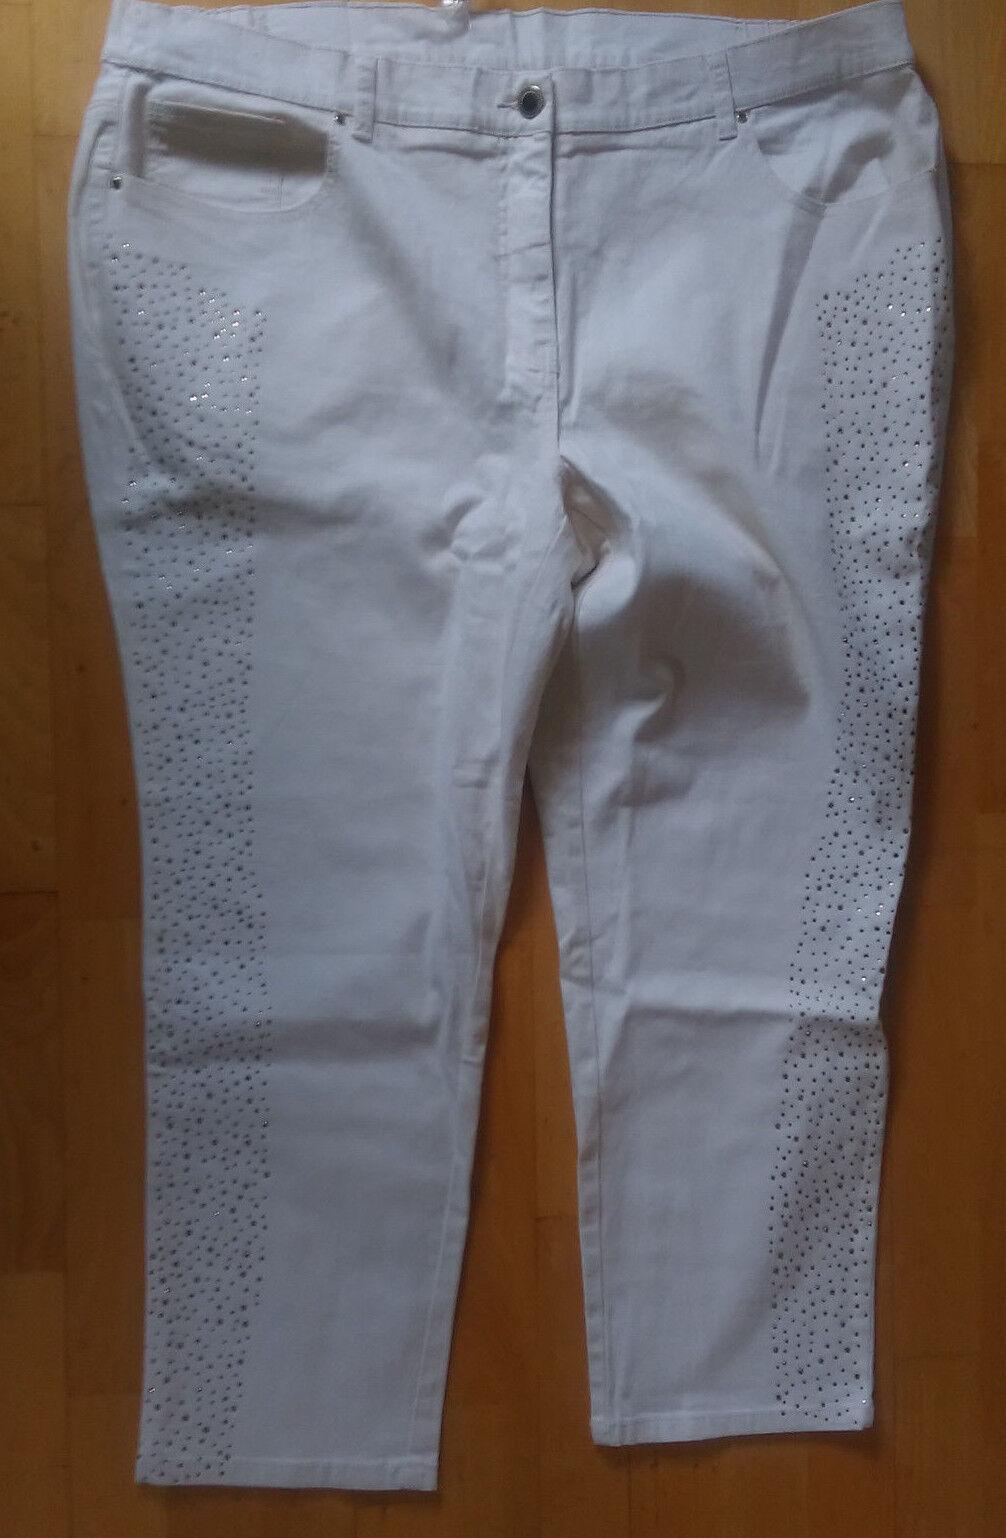 SARAH KERN   KG 26  52 kurz    Jeans  creme  mit Strass  teilelast. Bund   Zart    Sale Düsseldorf    Vielfältiges neues Design    Neues Produkt    Qualitätsprodukte